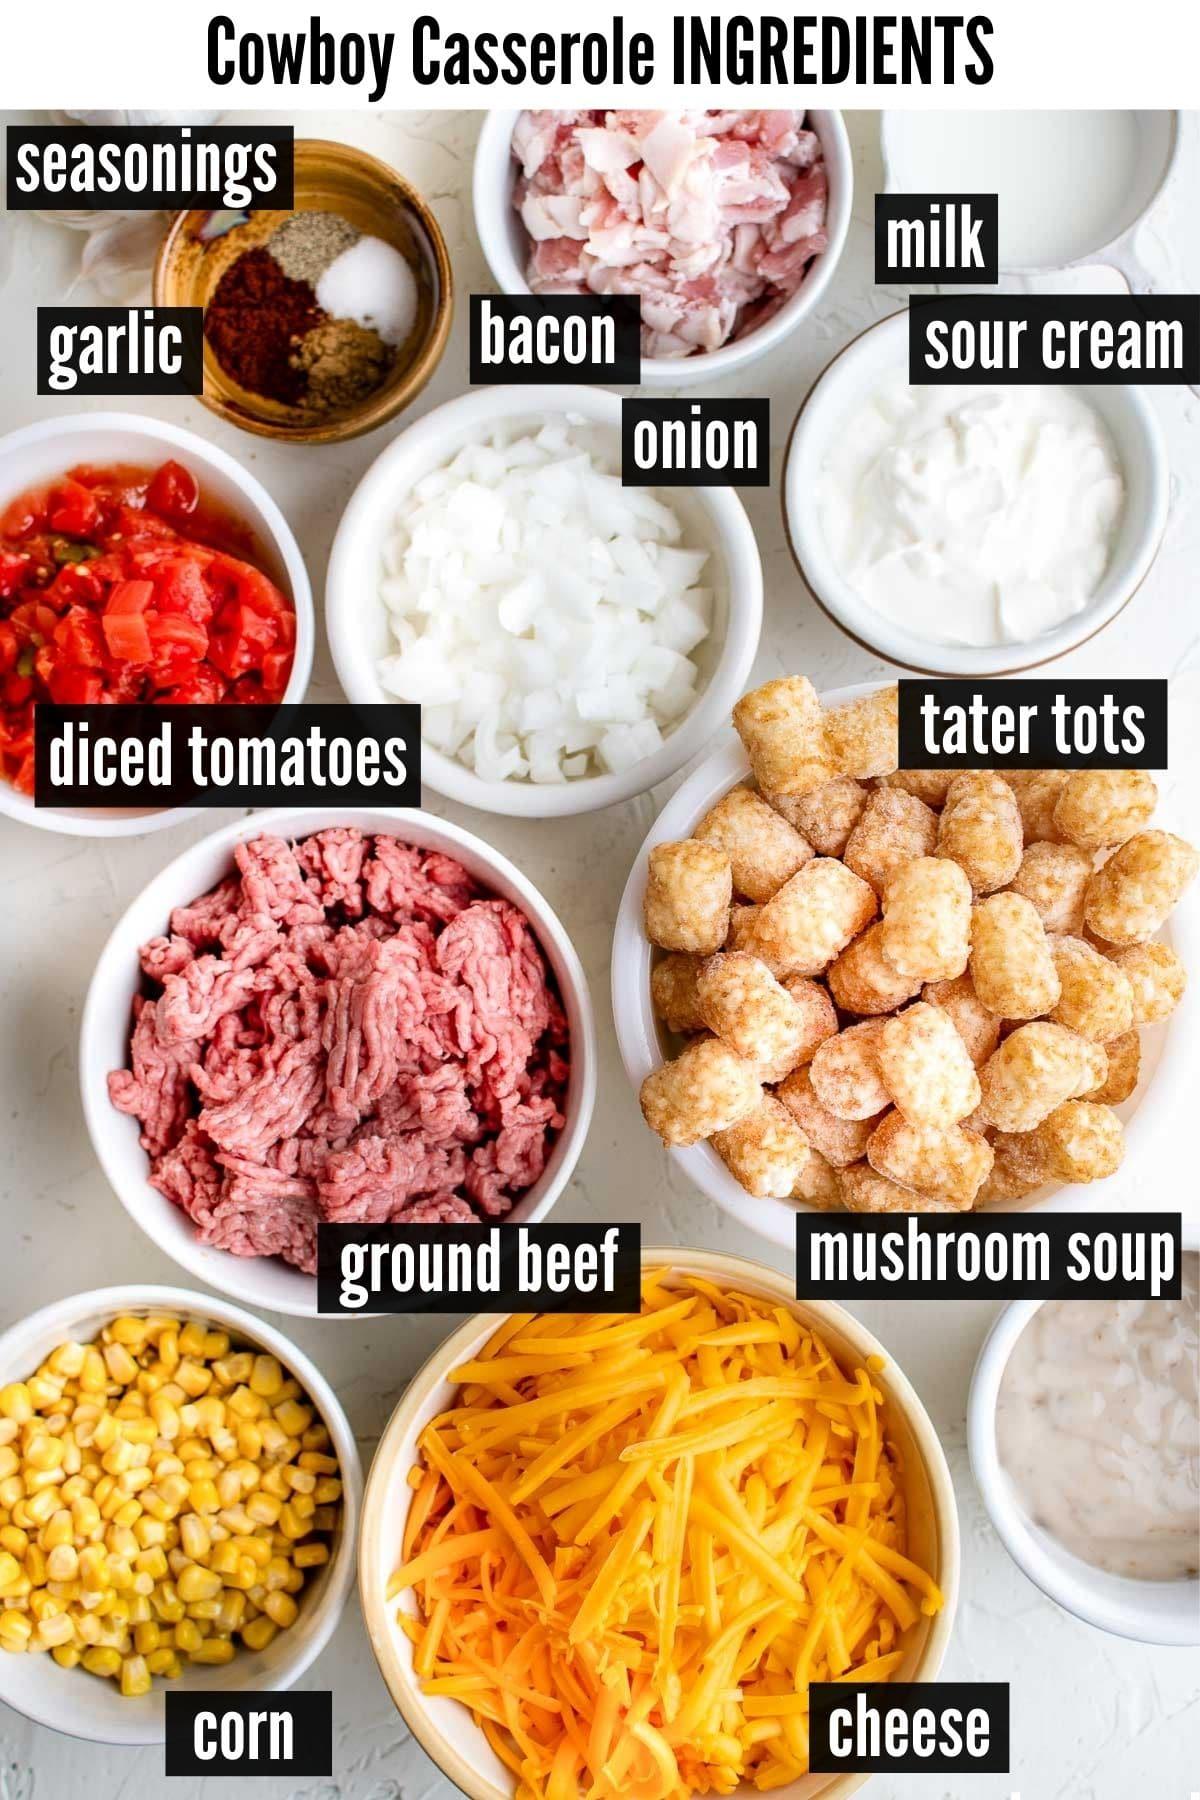 cowboy casserole ingredients